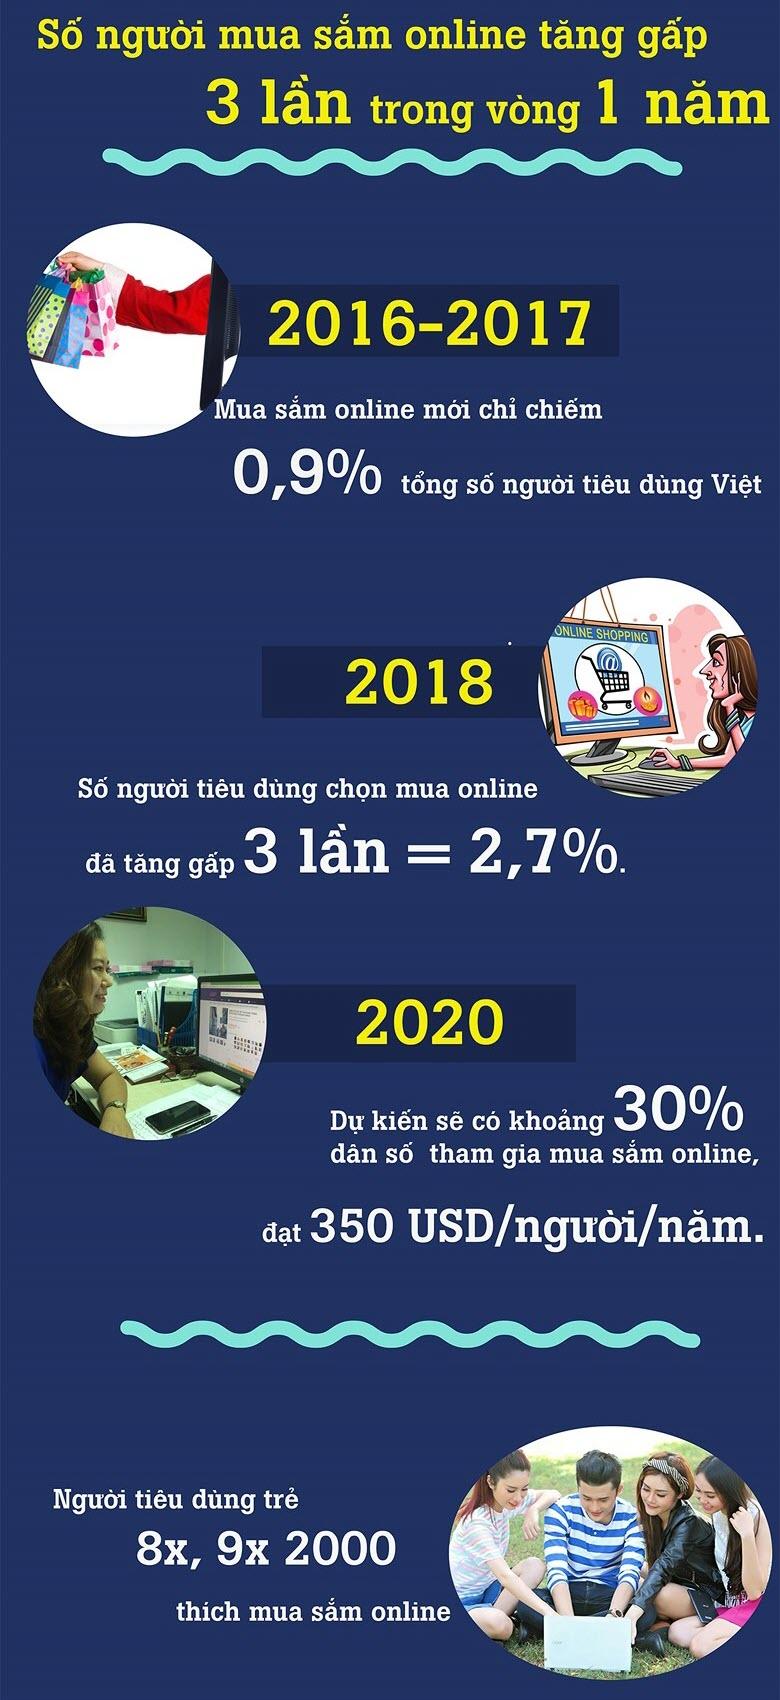 Tiềm năng thị trường mua sắm online tại Việt Nam